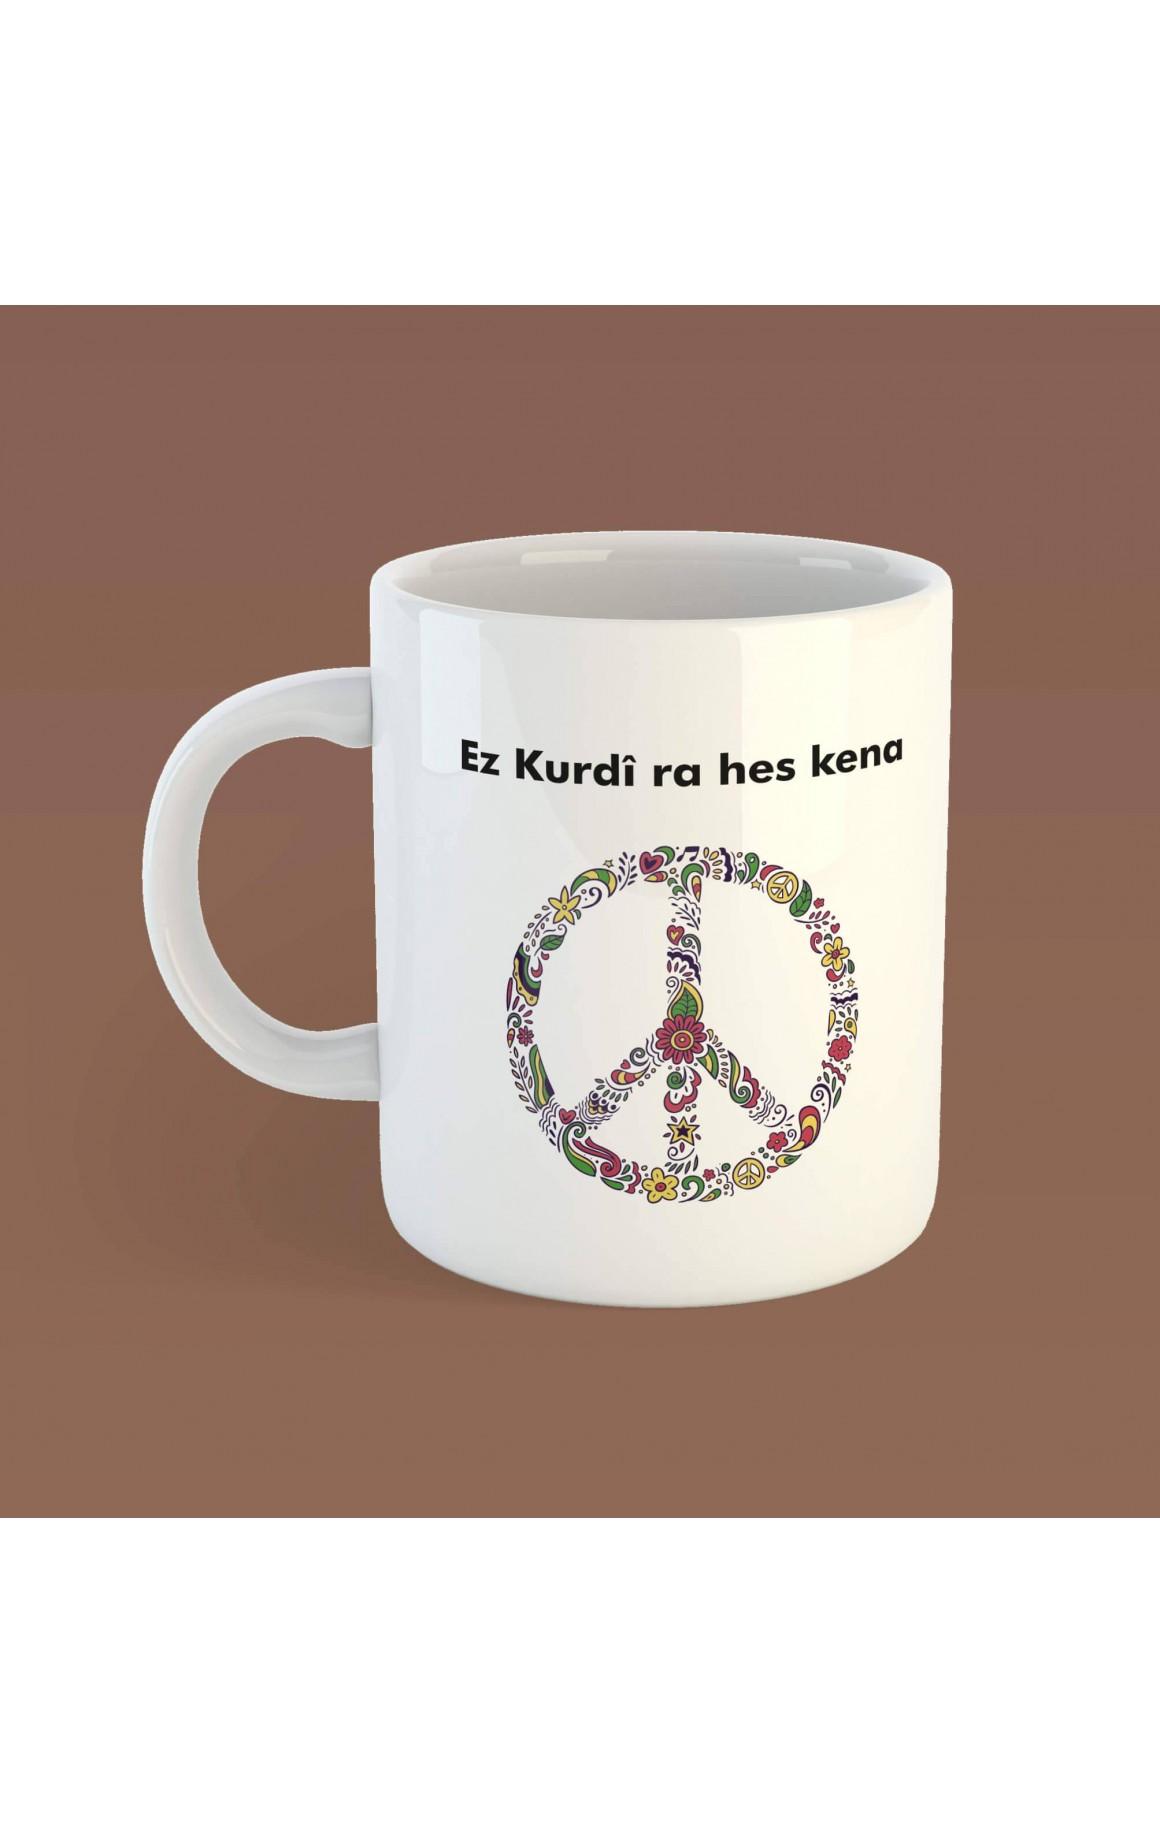 Porselen Kupa - Ez Kurdî ra hes kena